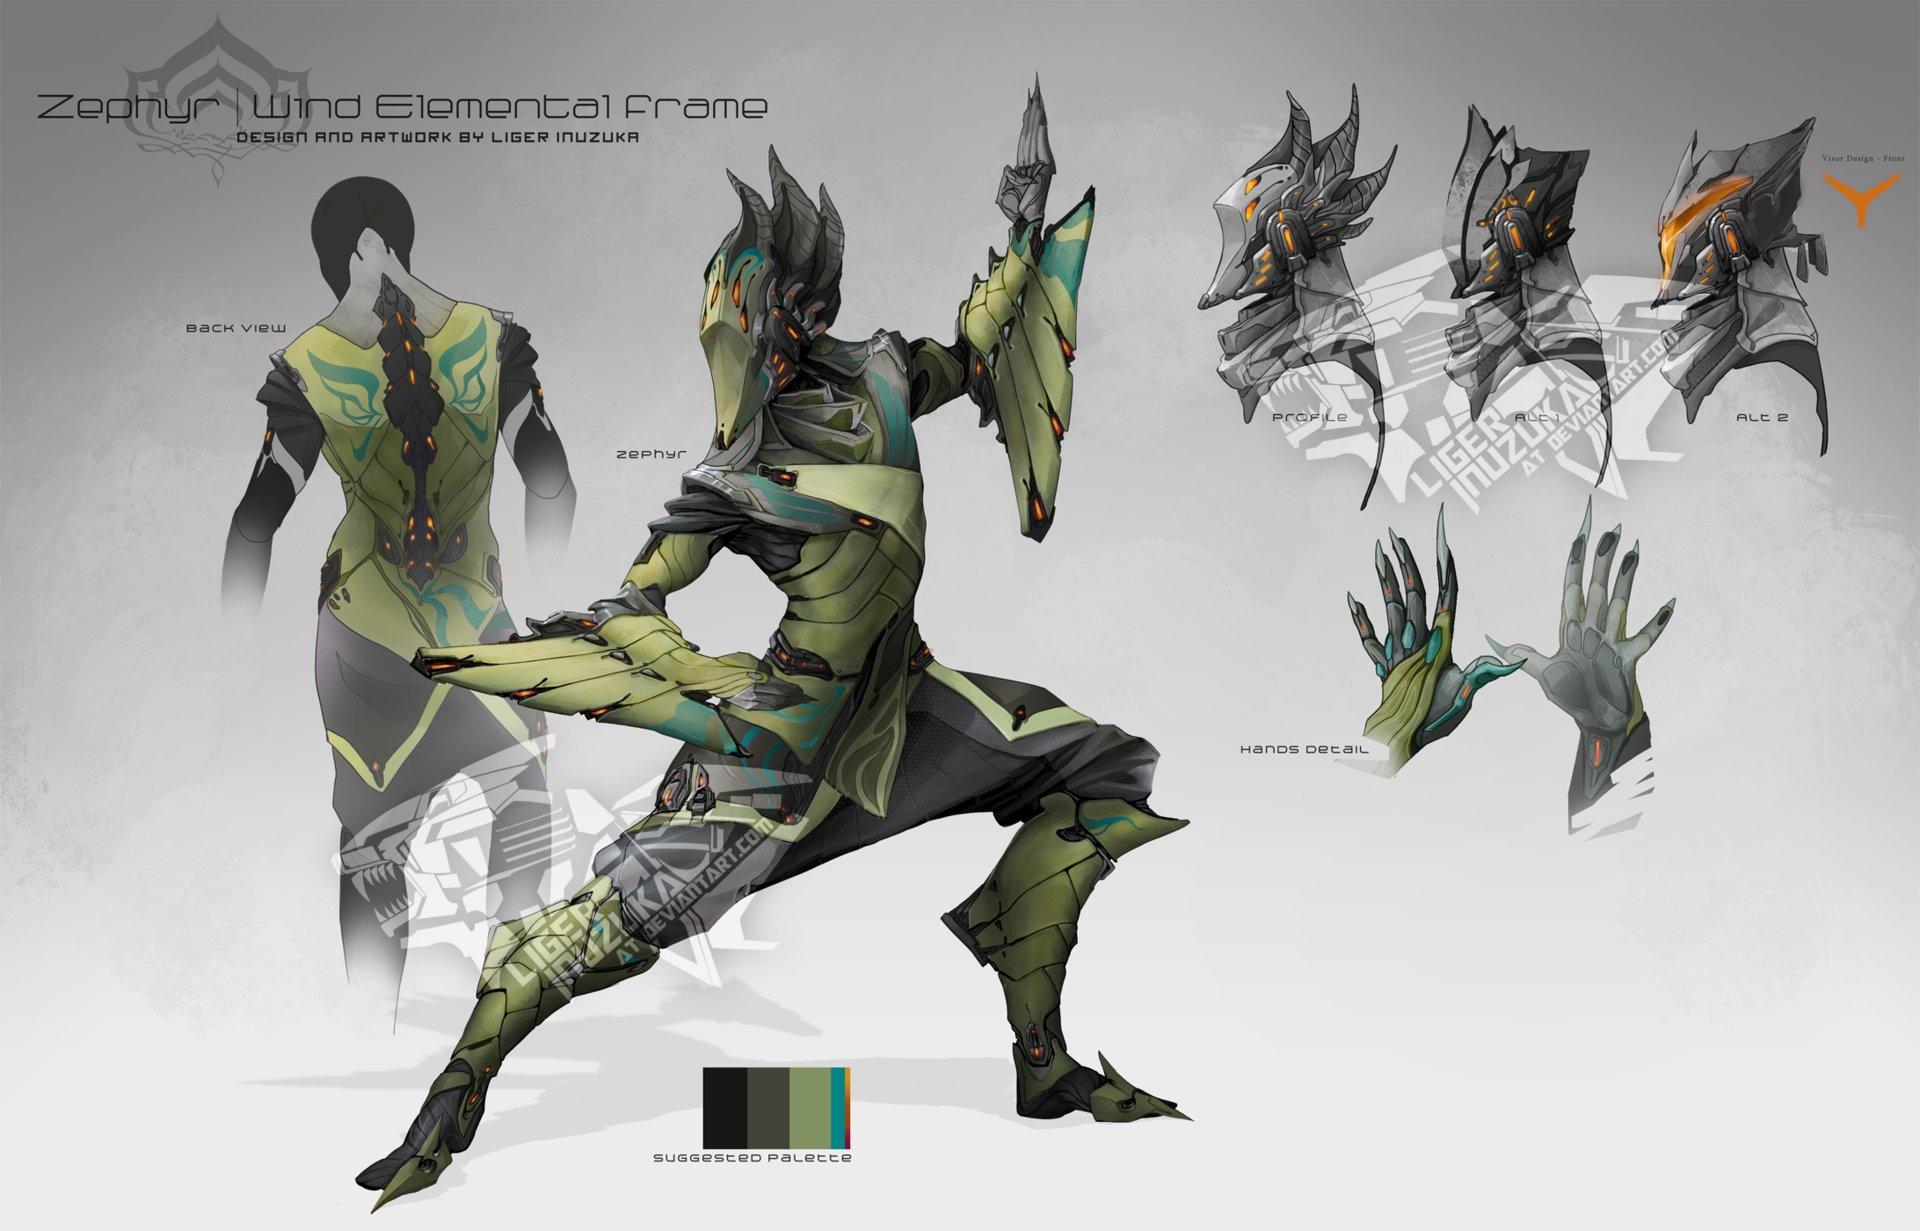 Original Zephyr concept art in 2013.